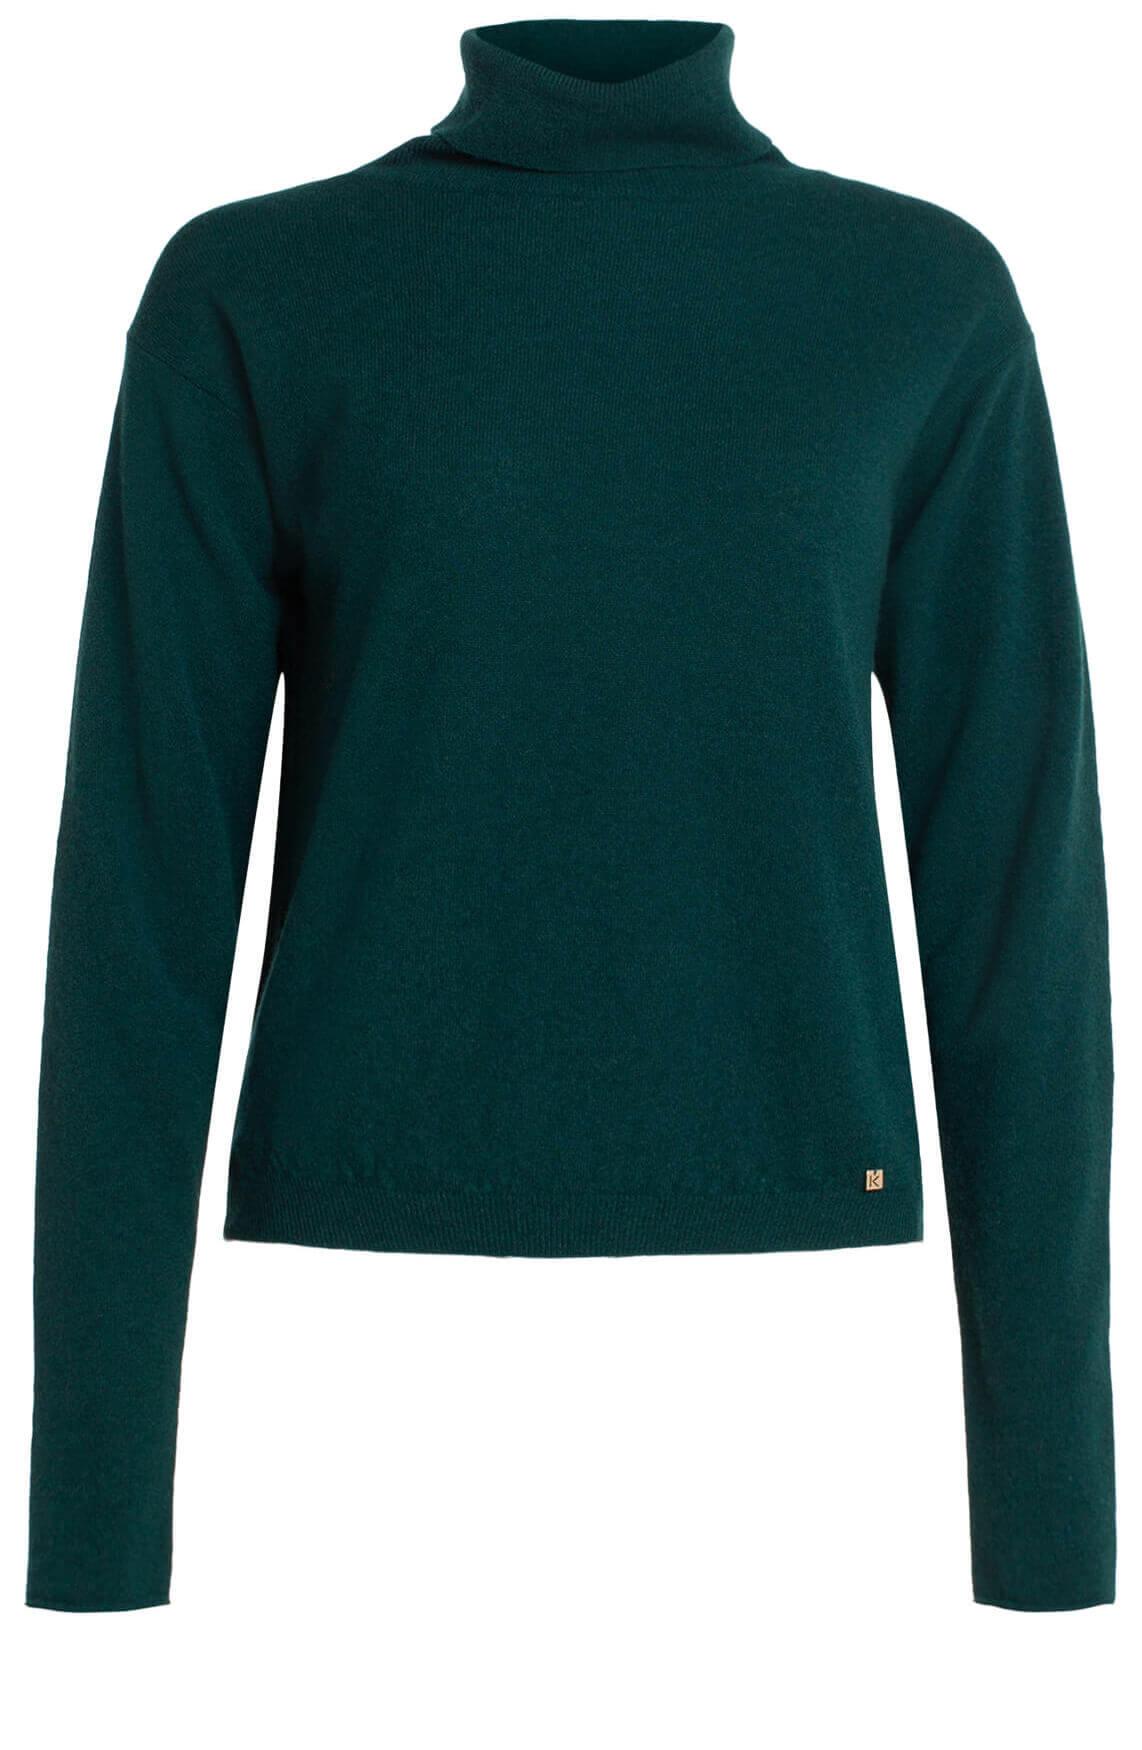 Kocca Dames Edible pullover groen